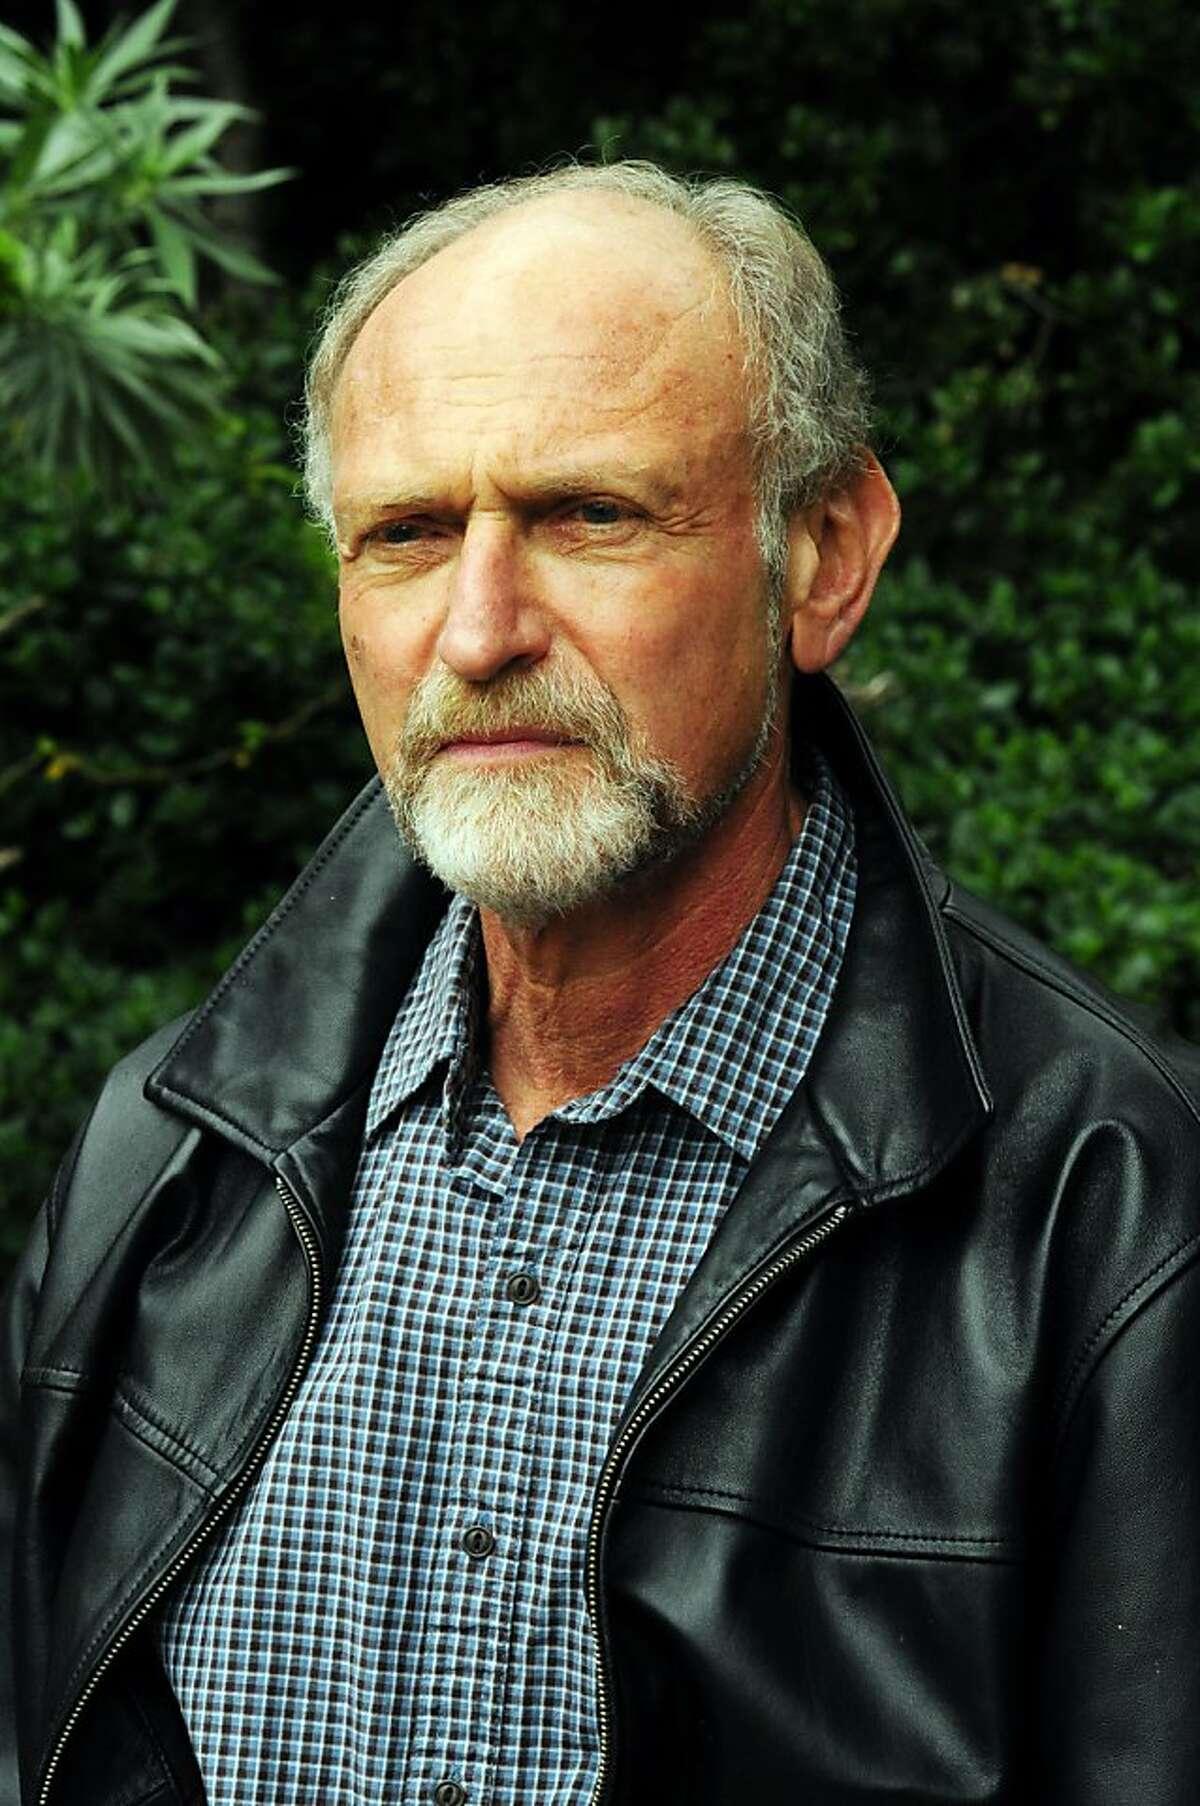 Rpbert Greenfield